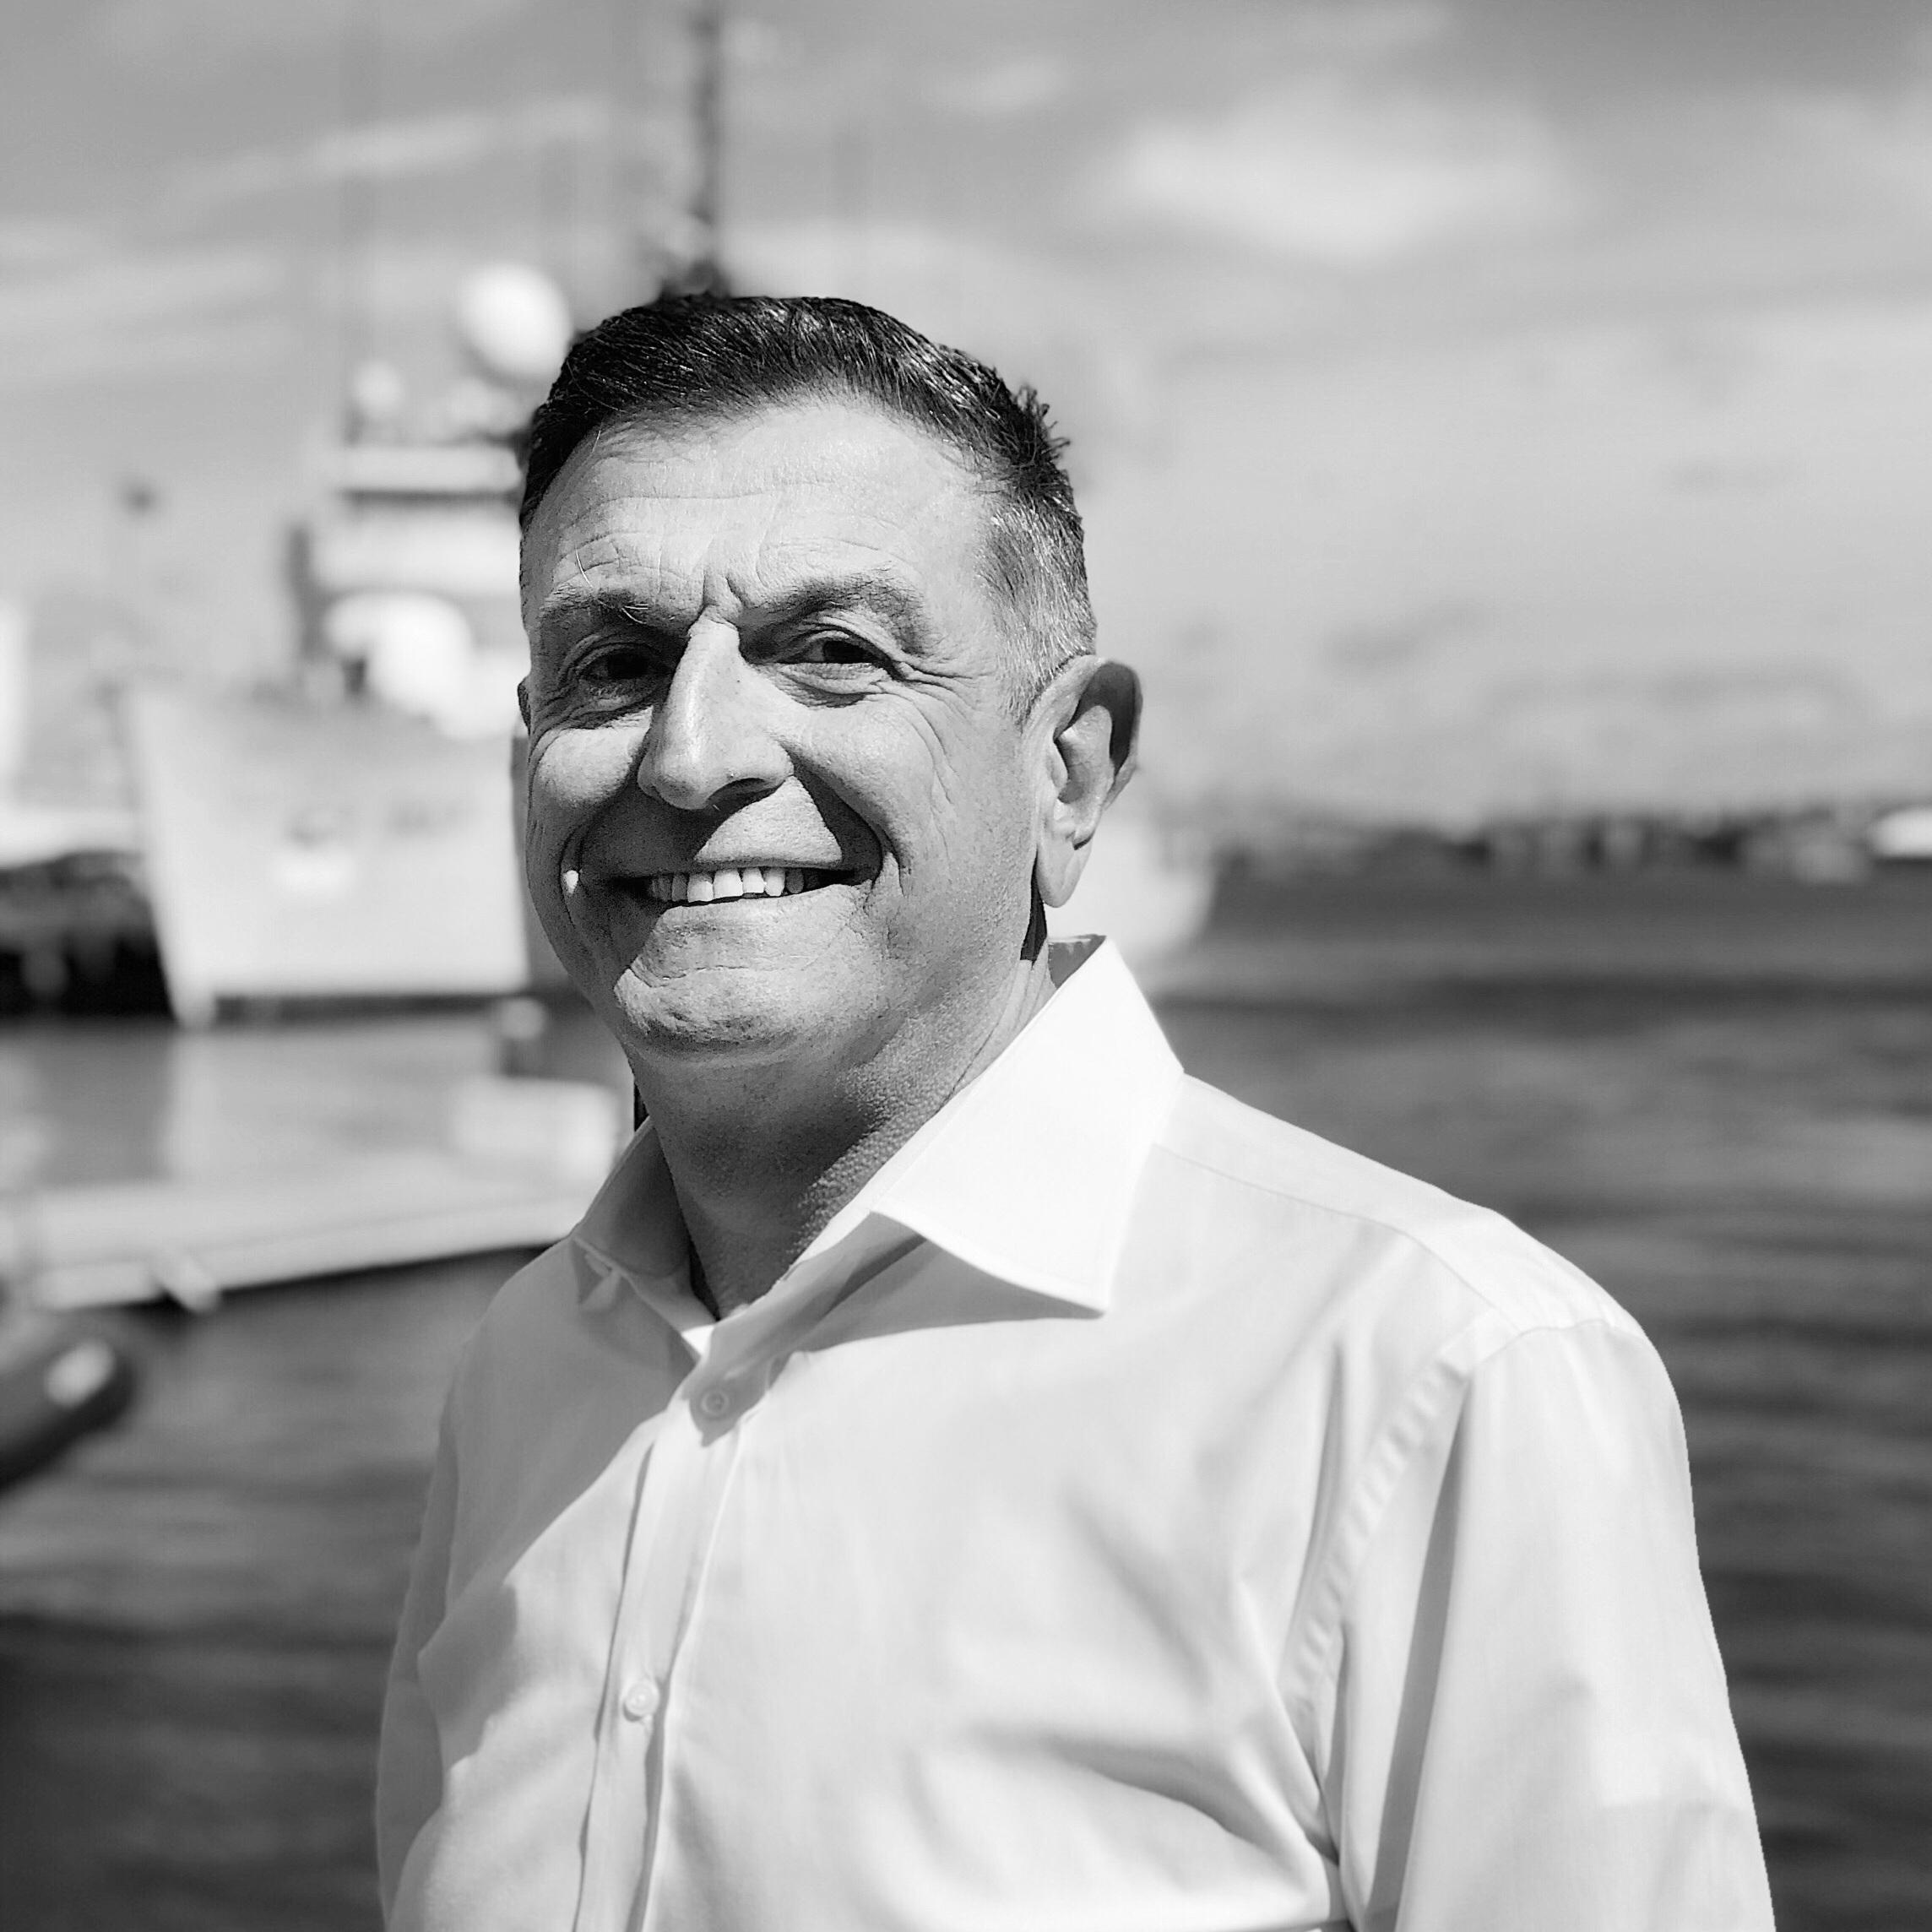 Dr. Enrico petrillo - Managing Director